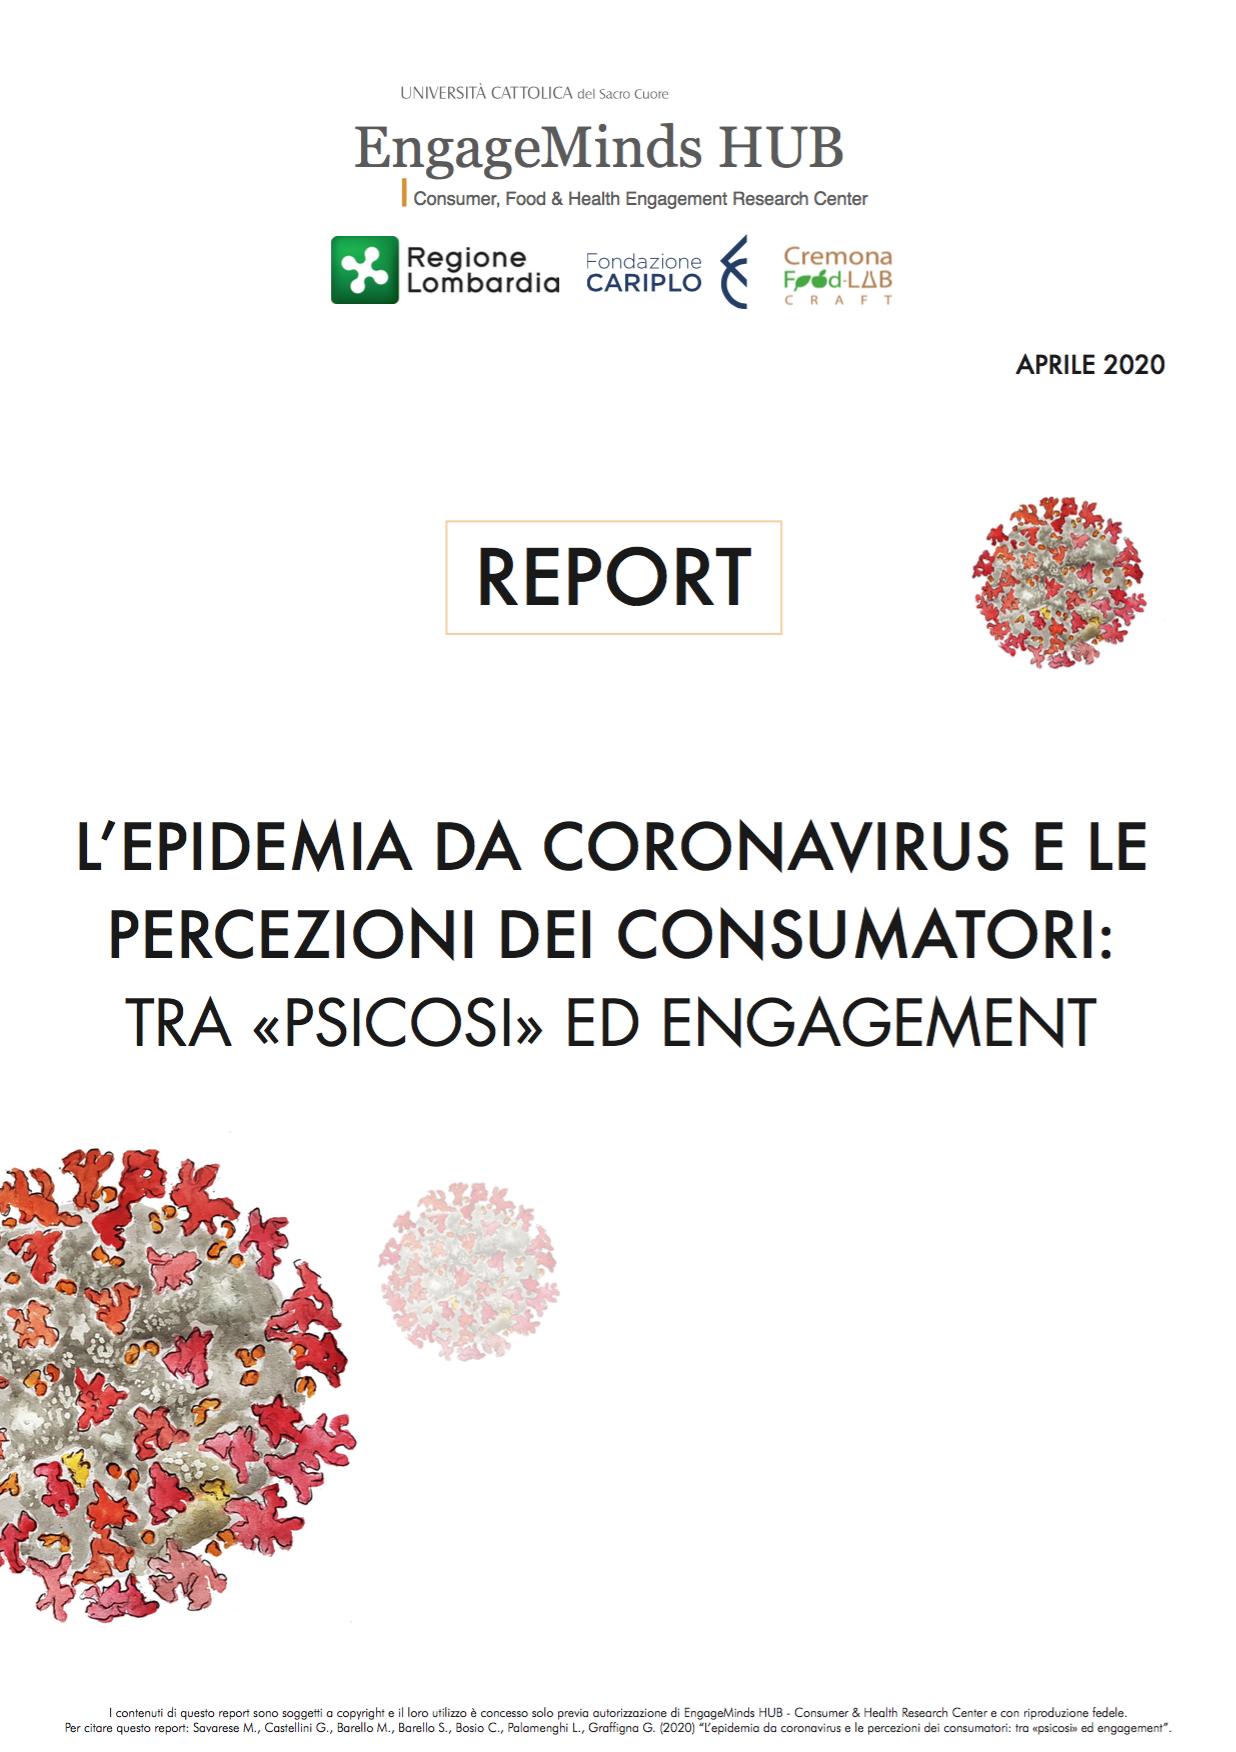 L'EPIDEMIA DA CORONAVIRUS E LE PERCEZIONI DEI CONSUMATORI